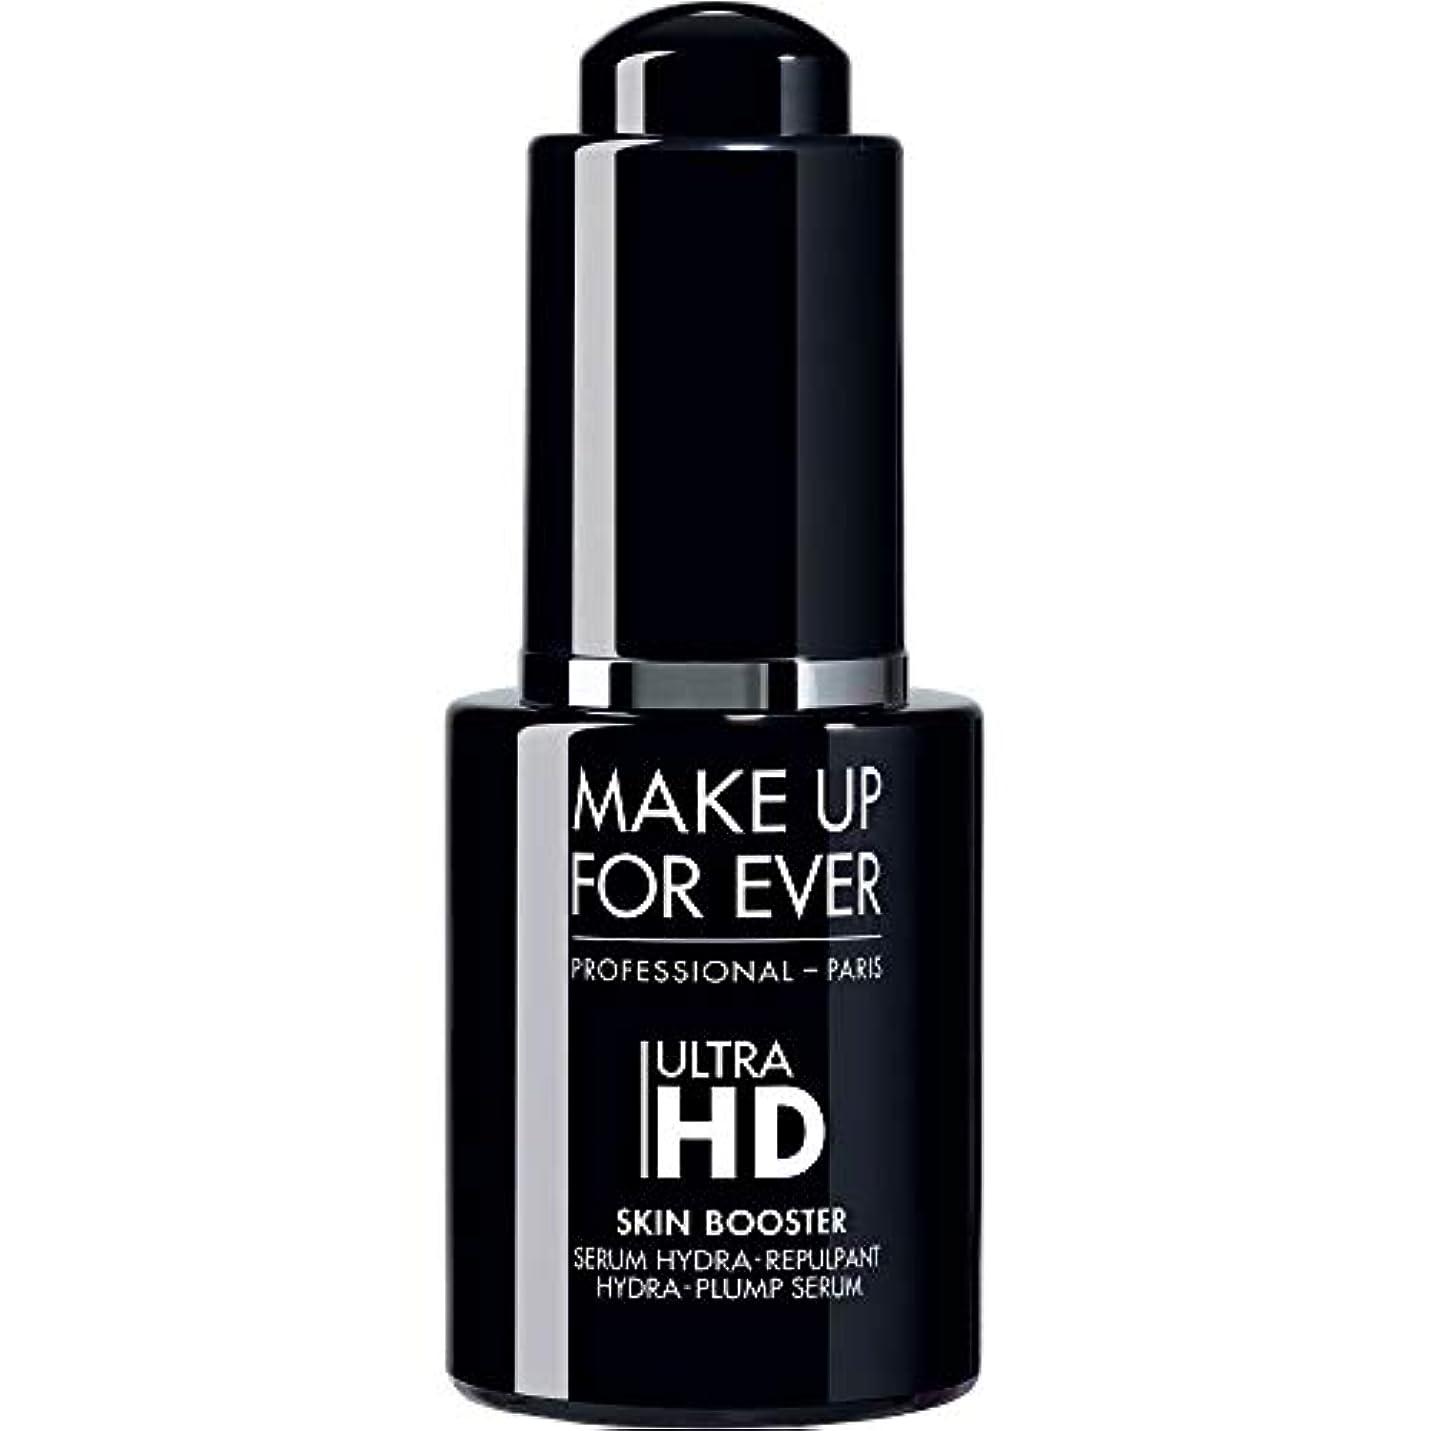 追跡悩み電気の[MAKE UP FOR EVER] これまで超のHdスキンブースターヒドラ-ふっくら血清12ミリリットルを補います - MAKE UP FOR EVER Ultra HD Skin Booster Hydra-Plump Serum 12ml [並行輸入品]